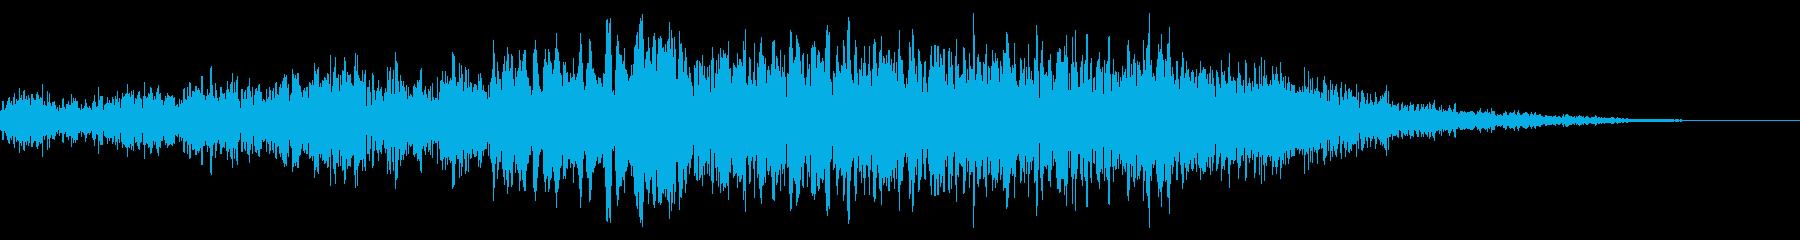 ディープブルーシンセライザーの再生済みの波形